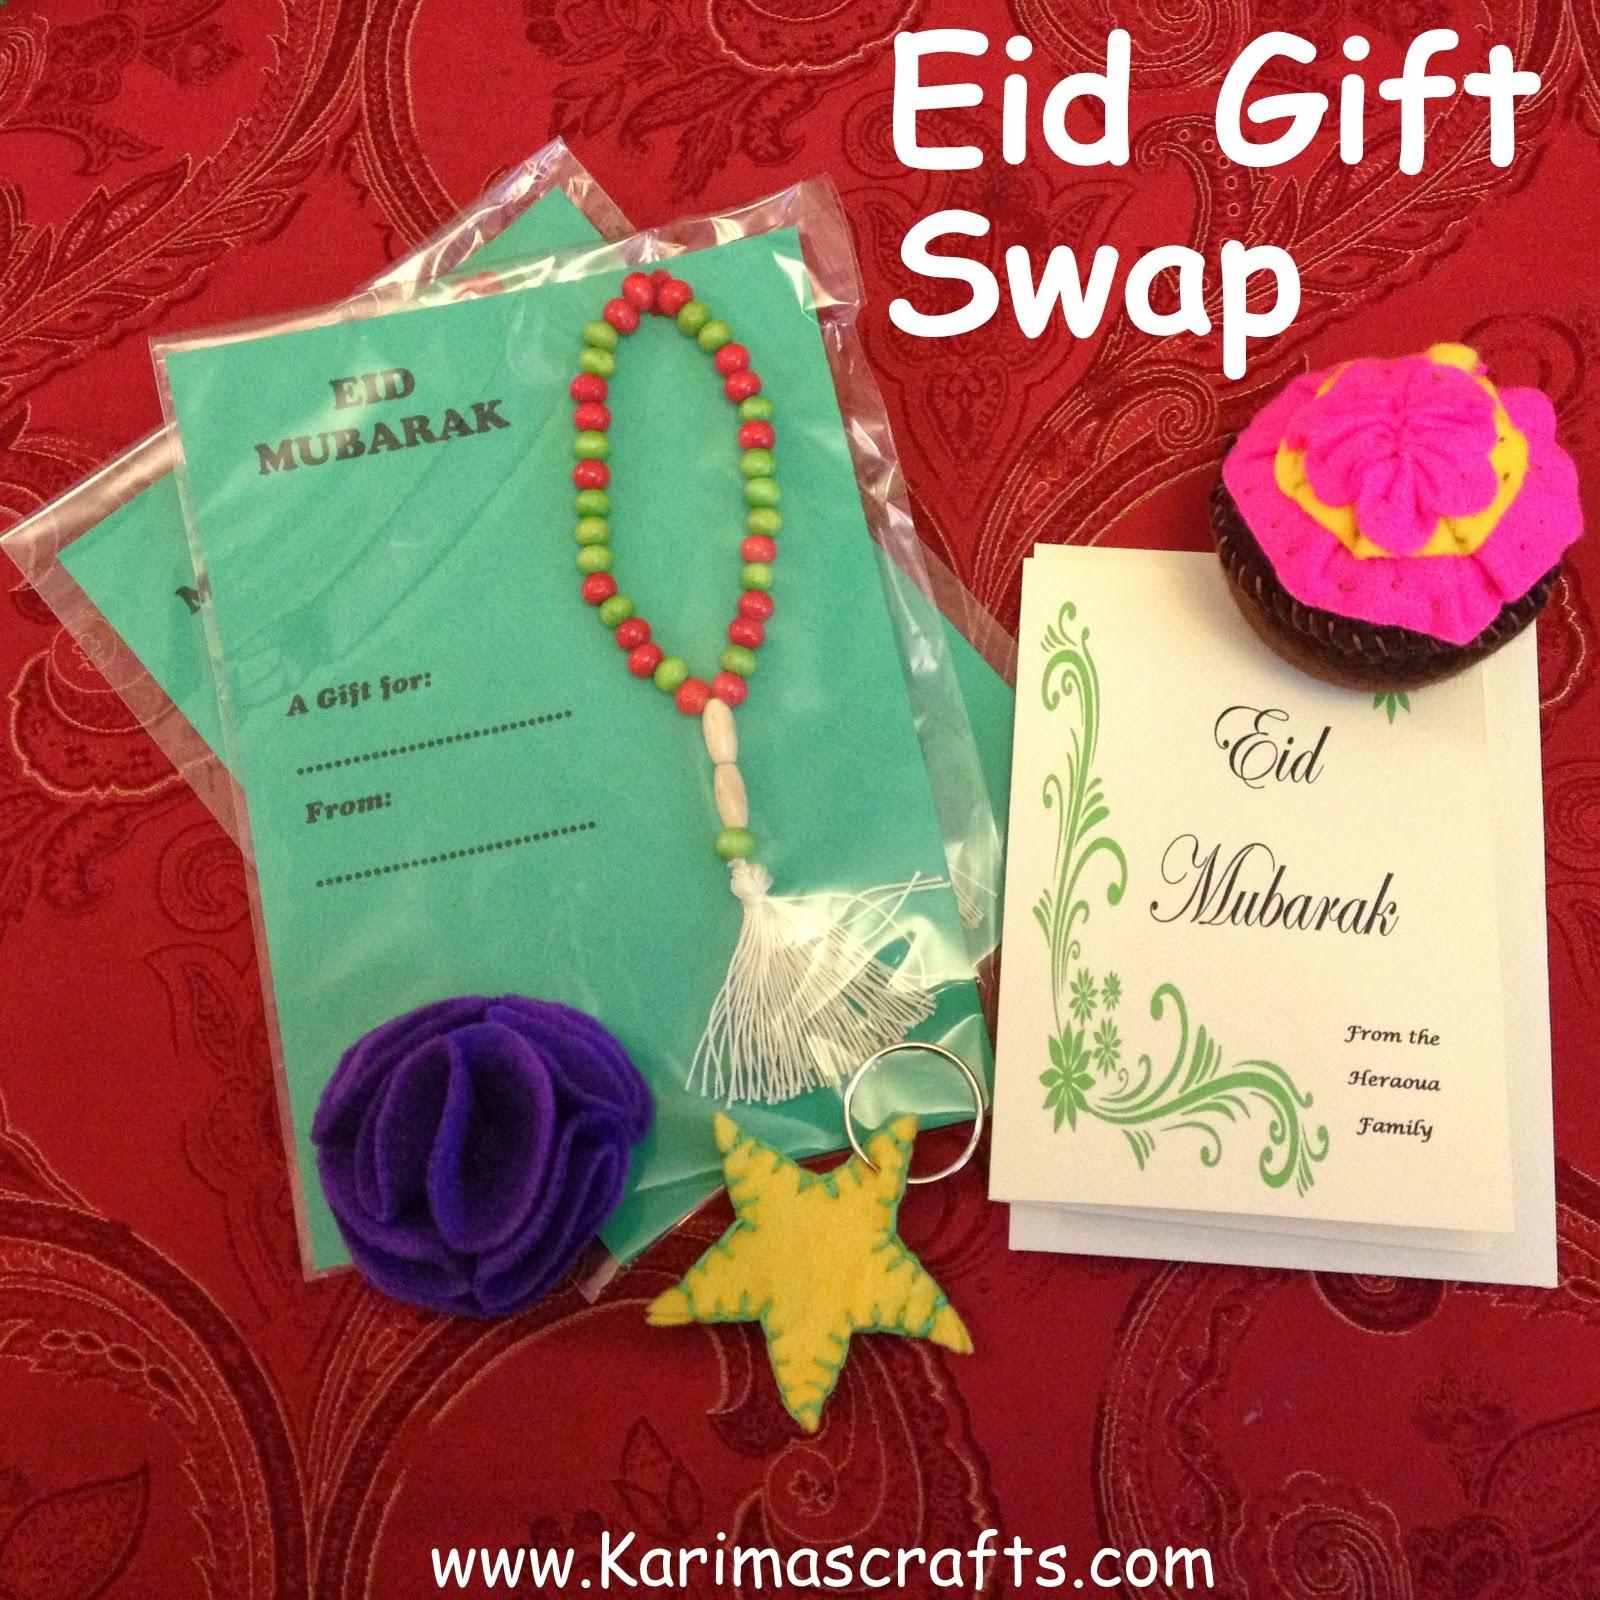 karima's crafts eid gift swap 2013